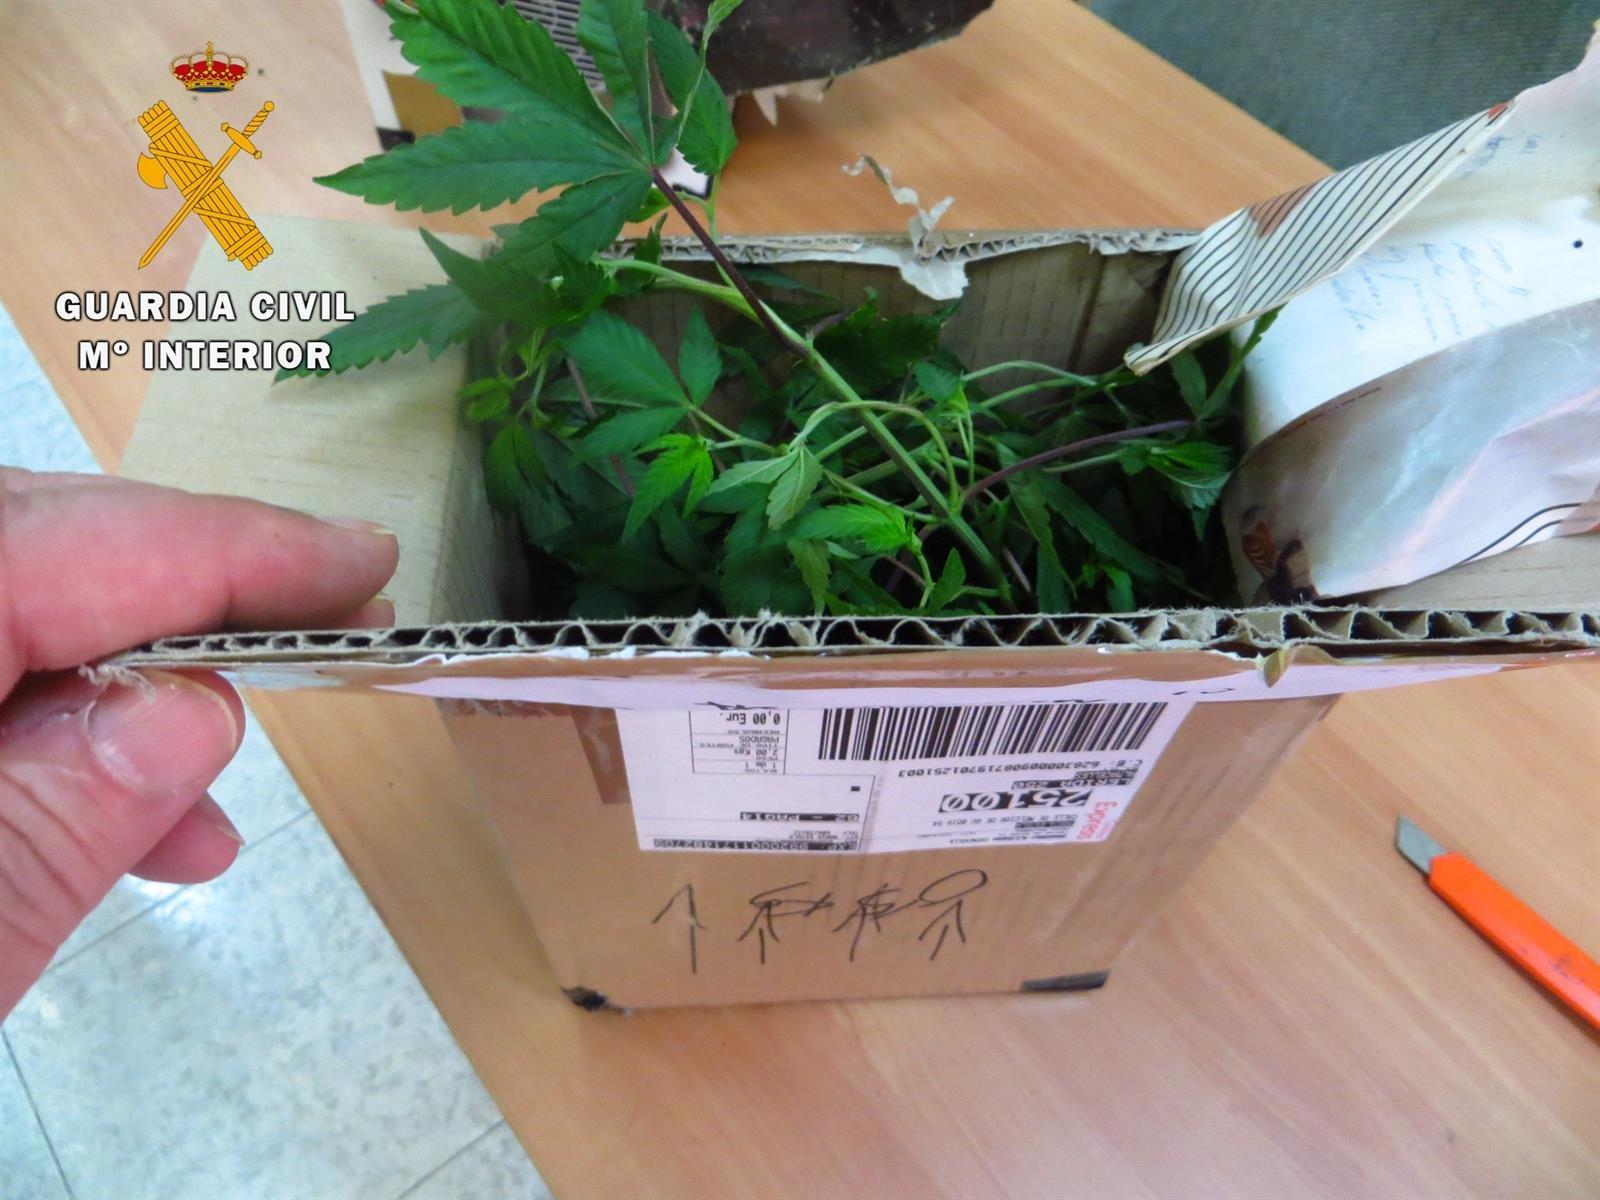 Descubren envíos de plantas de marihuana a través de paquetes postales